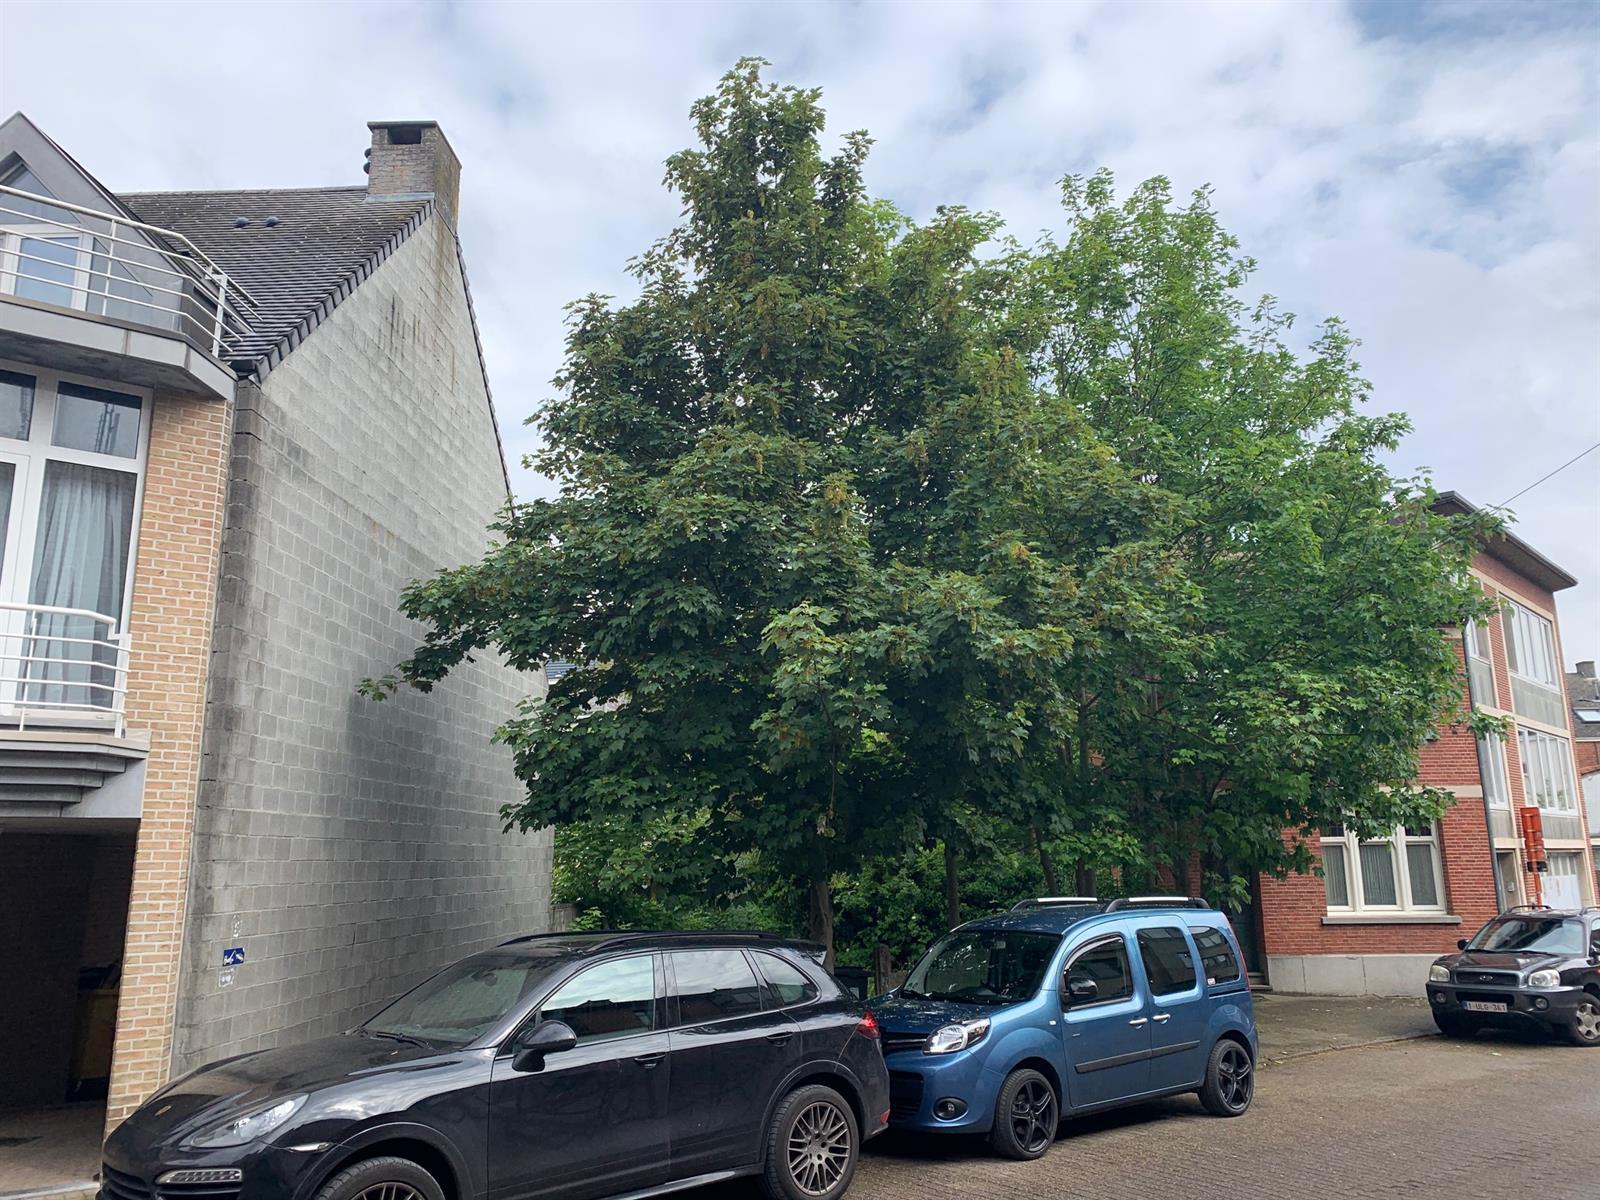 Gunstig gelegen perceel bouwgrond gelegen in het centrum van Herentals met een totale oppervlakte van ca 339m2.